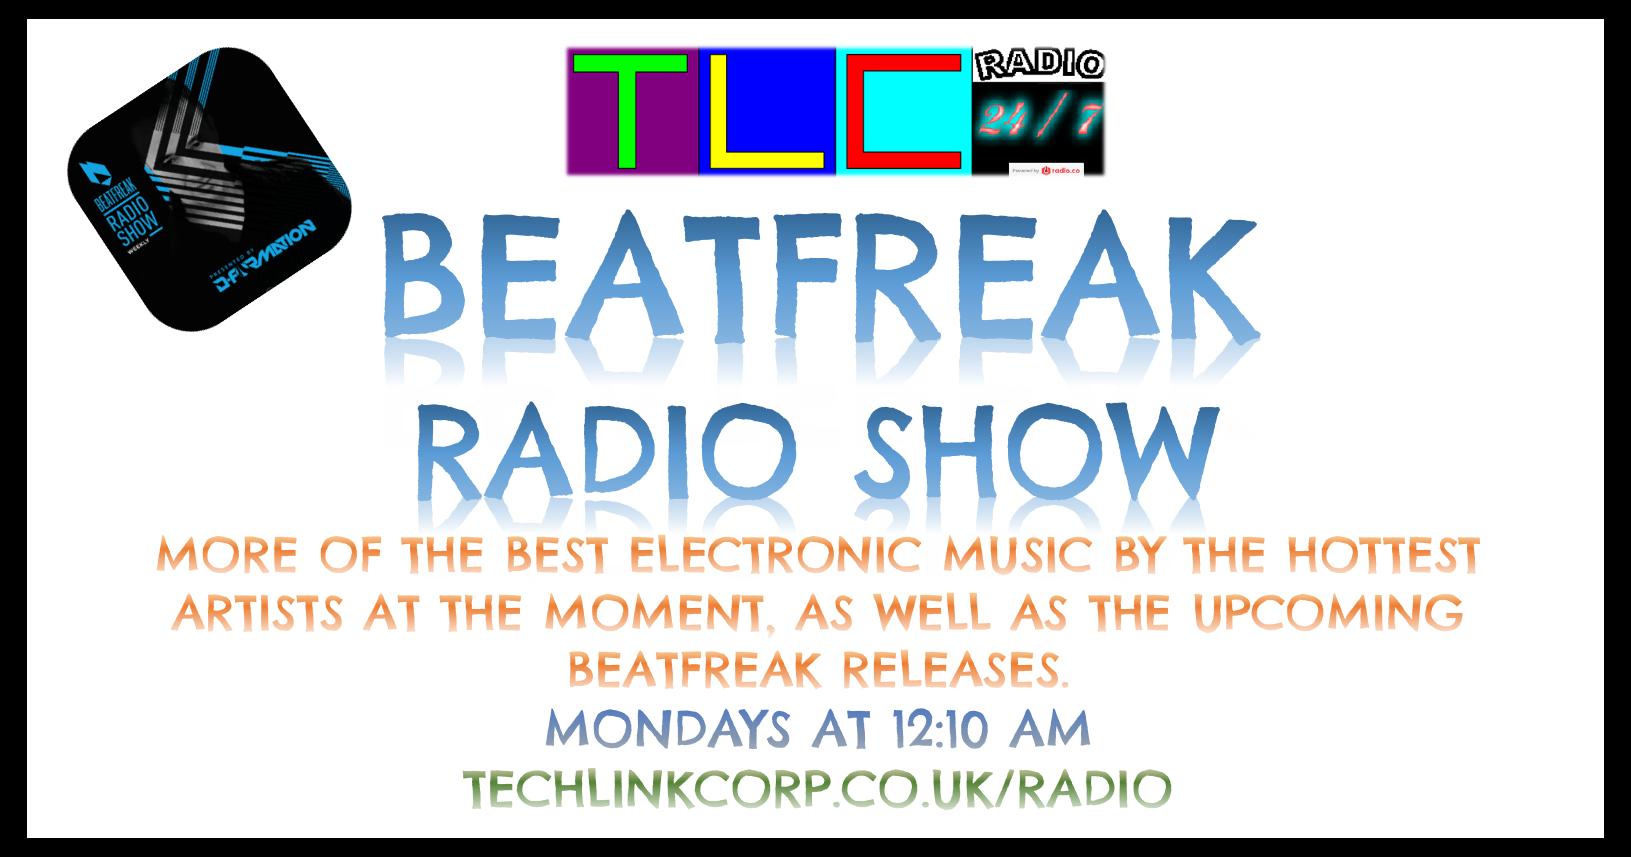 BeatFreak Radio Show